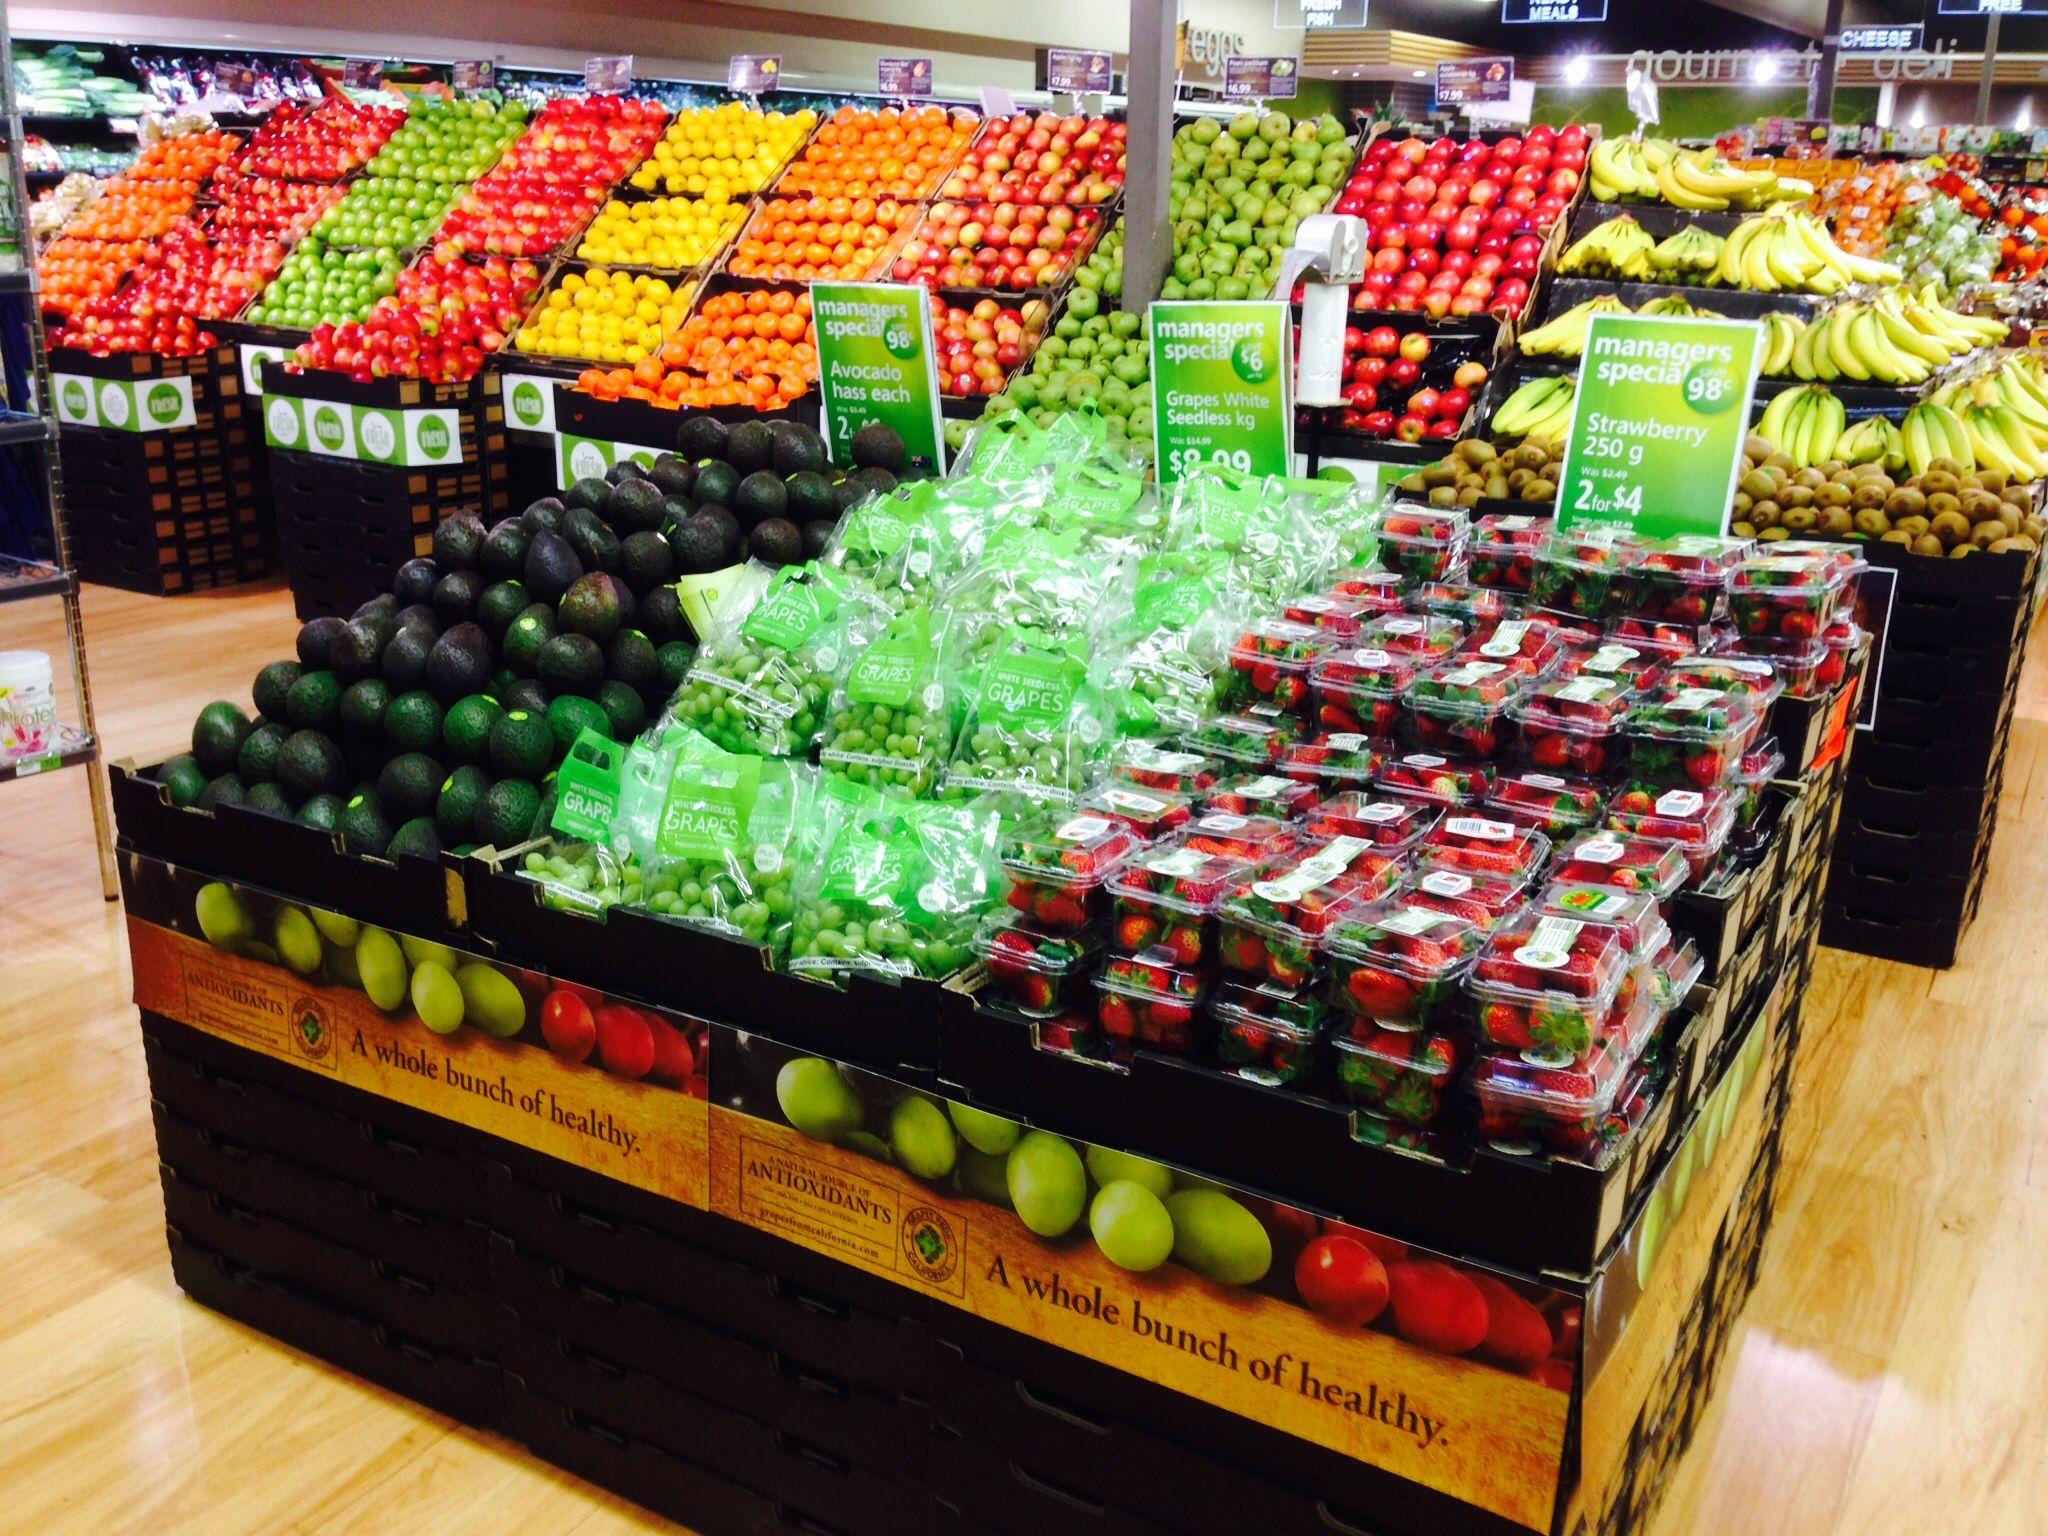 Pin De Frannie Kessinger Em Terra Design De Supermercado Frutas Expositores